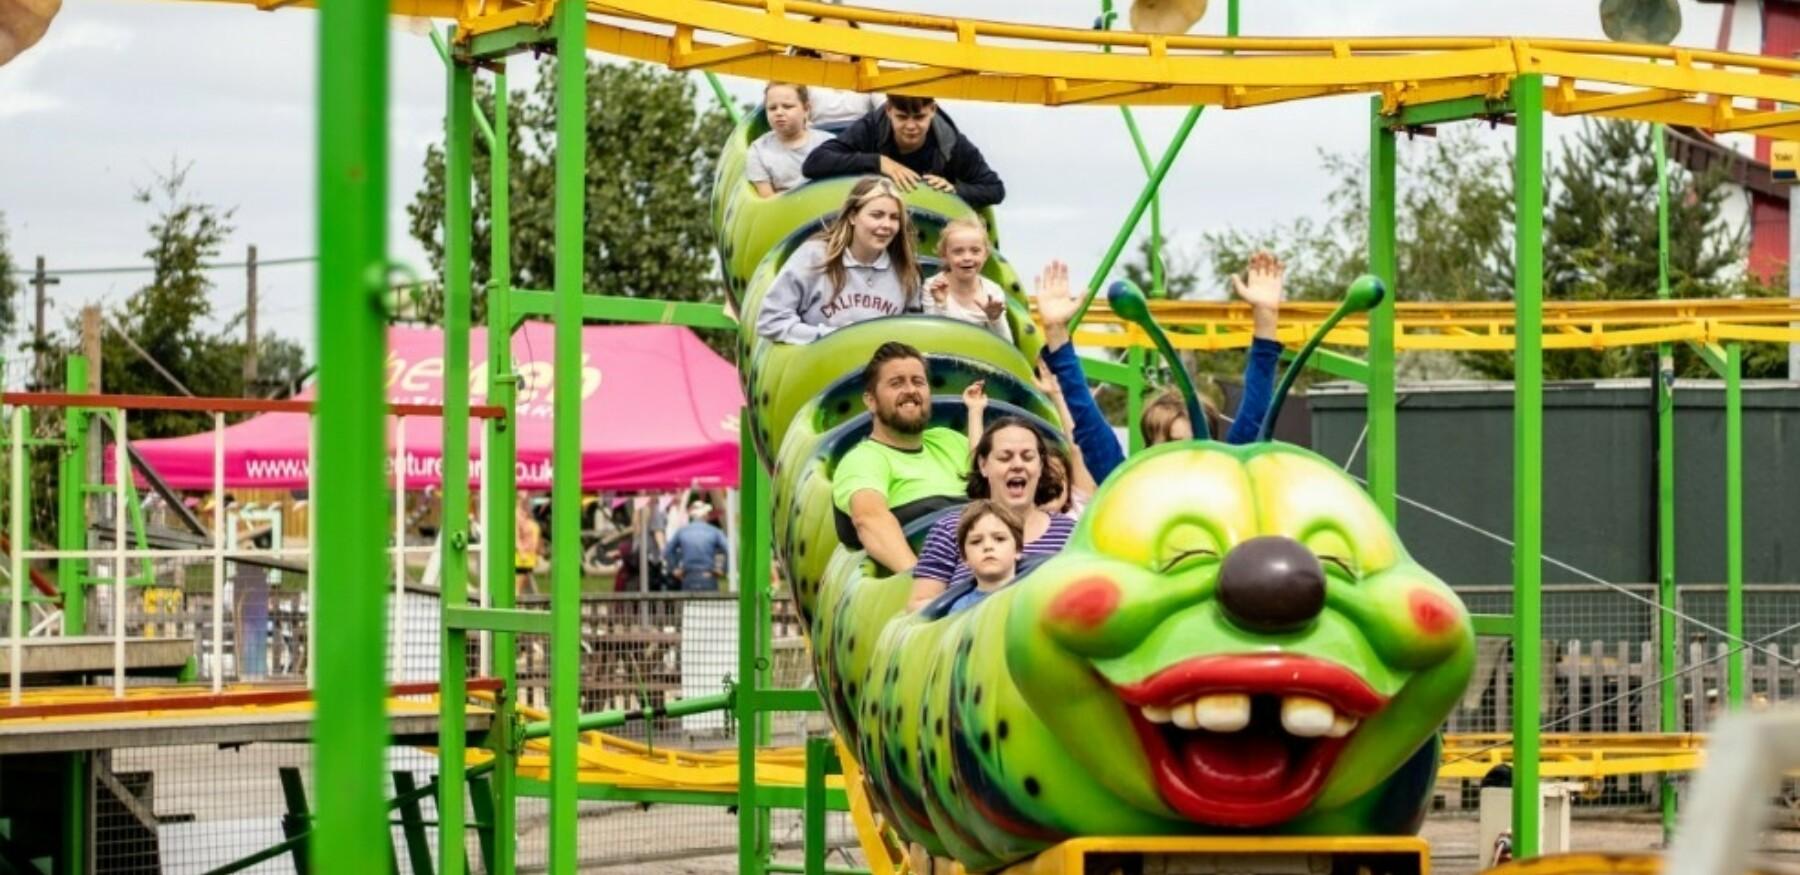 Web Adventure Park Funfair Opening 24 July 2021 milner Creative 49